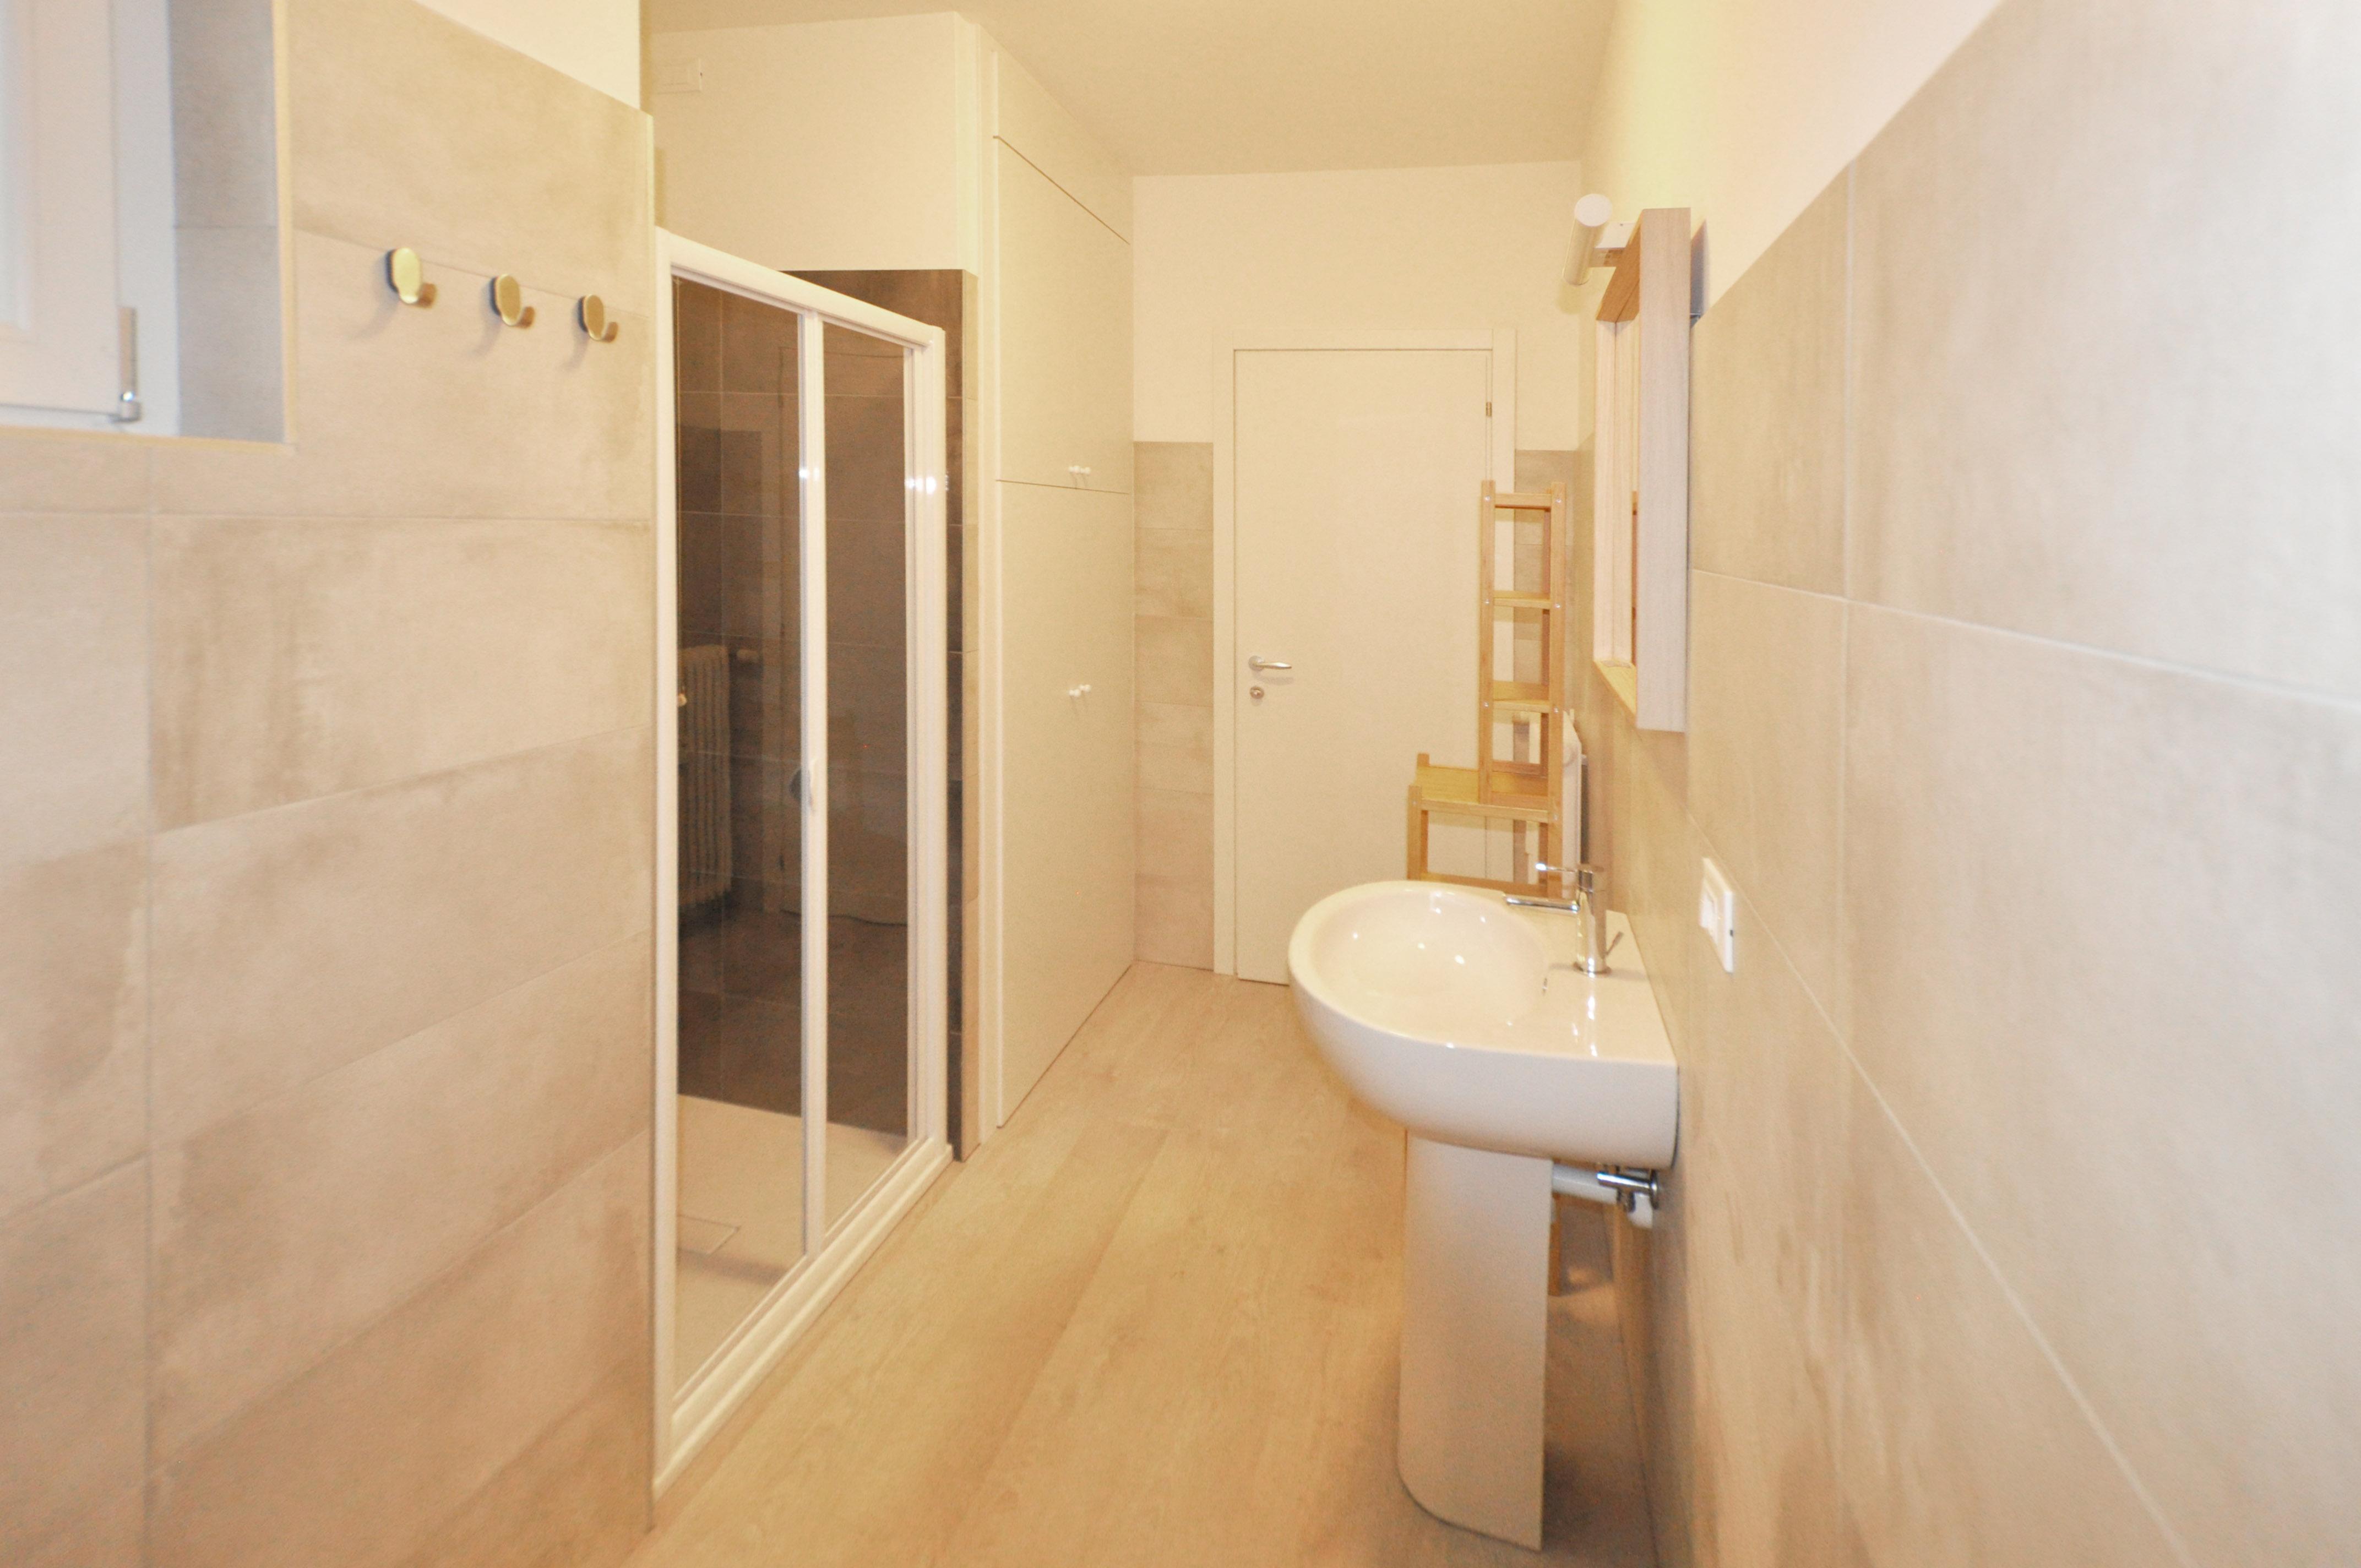 Camere in affitto-Treviso-Ospedale-Stazione-Studio-Architettura-Zanatta bertolini_05